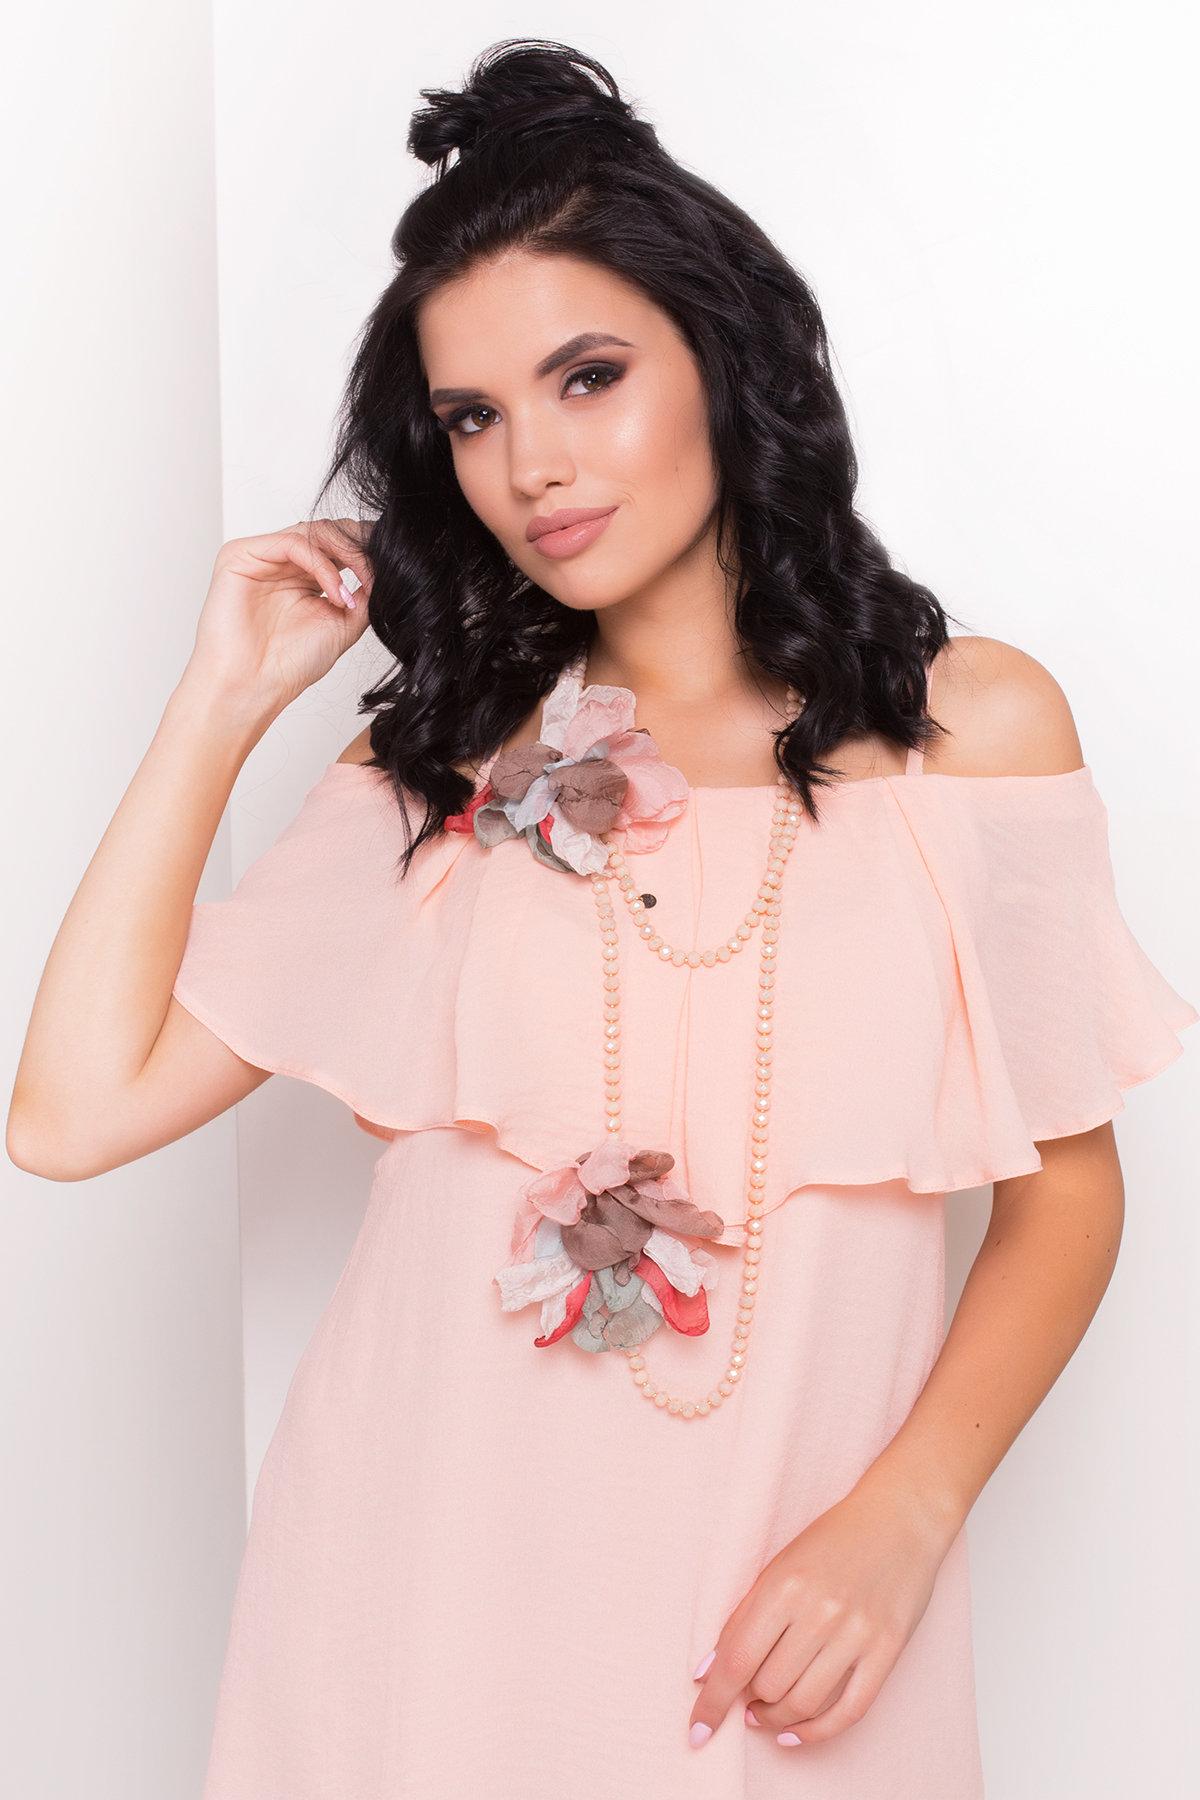 TW Платье Восток 5123 АРТ. 35862 Цвет: Персик - фото 3, интернет магазин tm-modus.ru